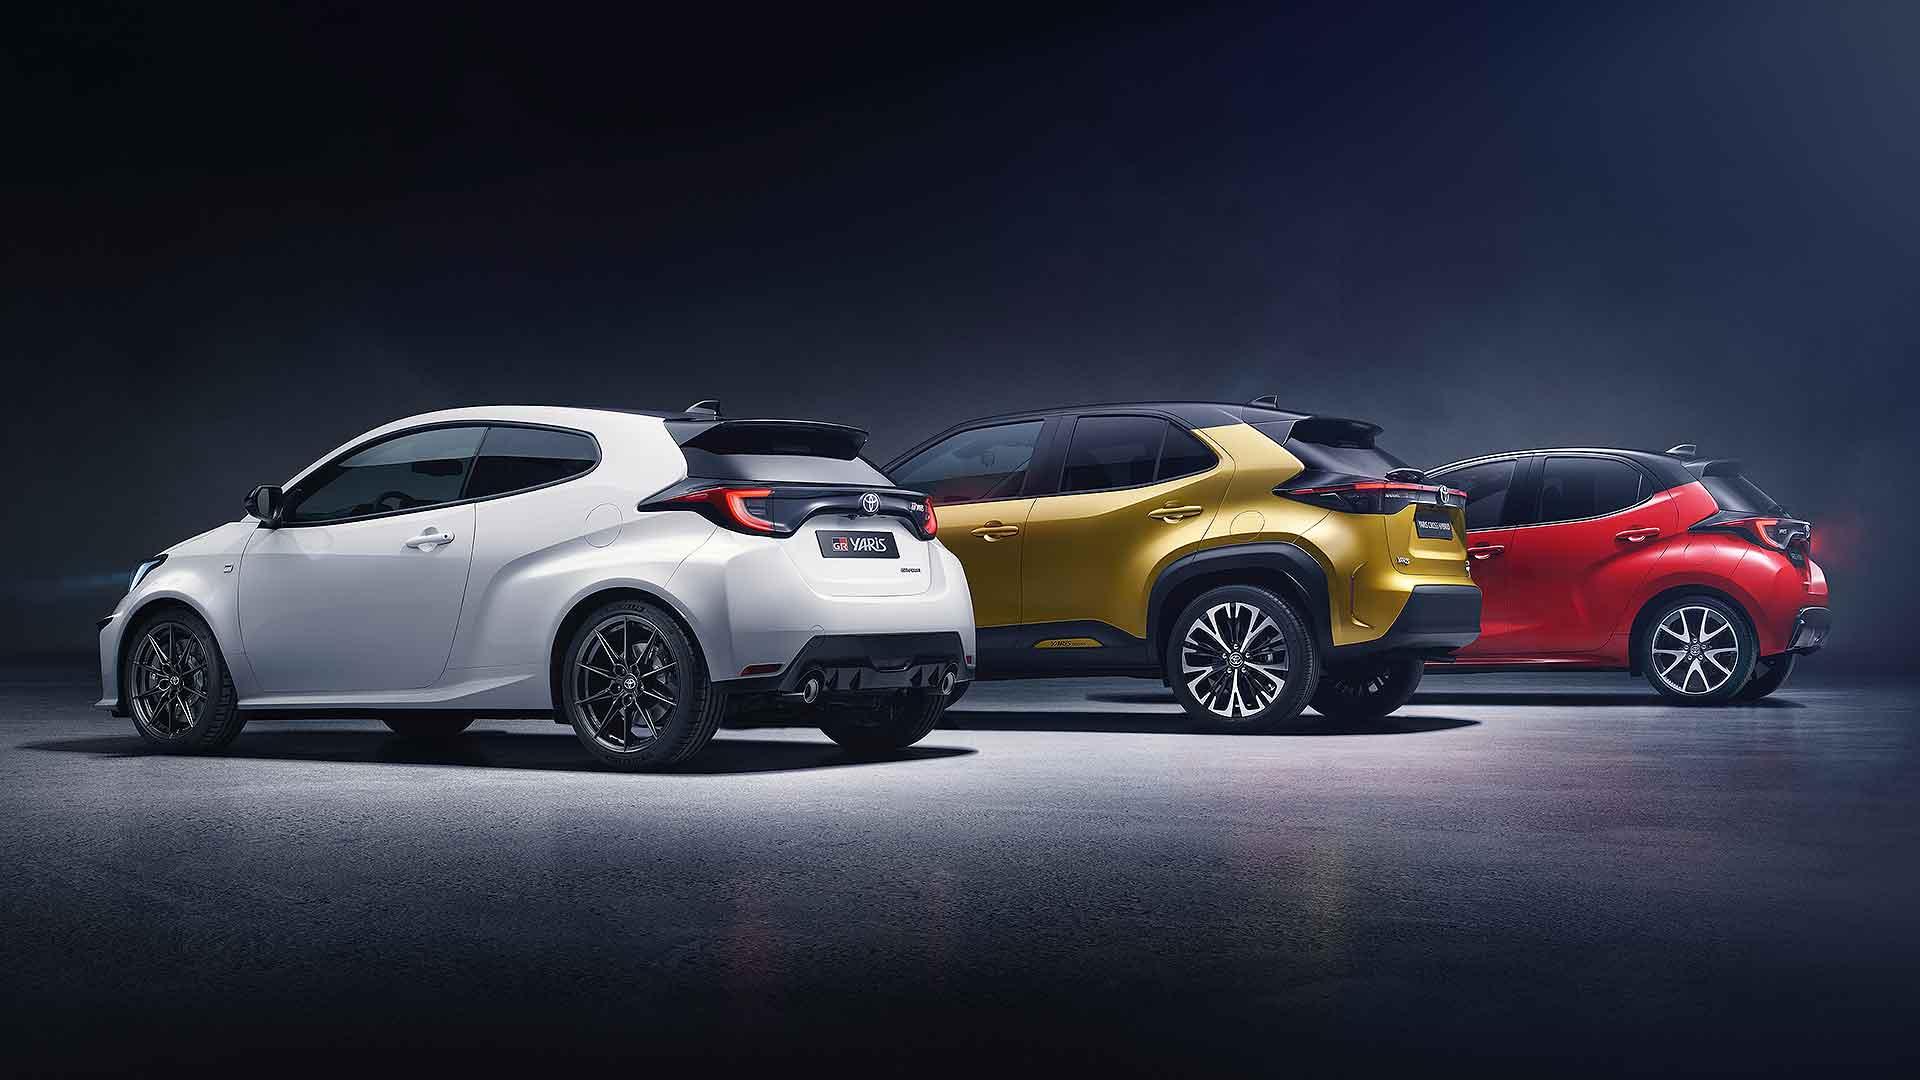 Toyota Yaris famili